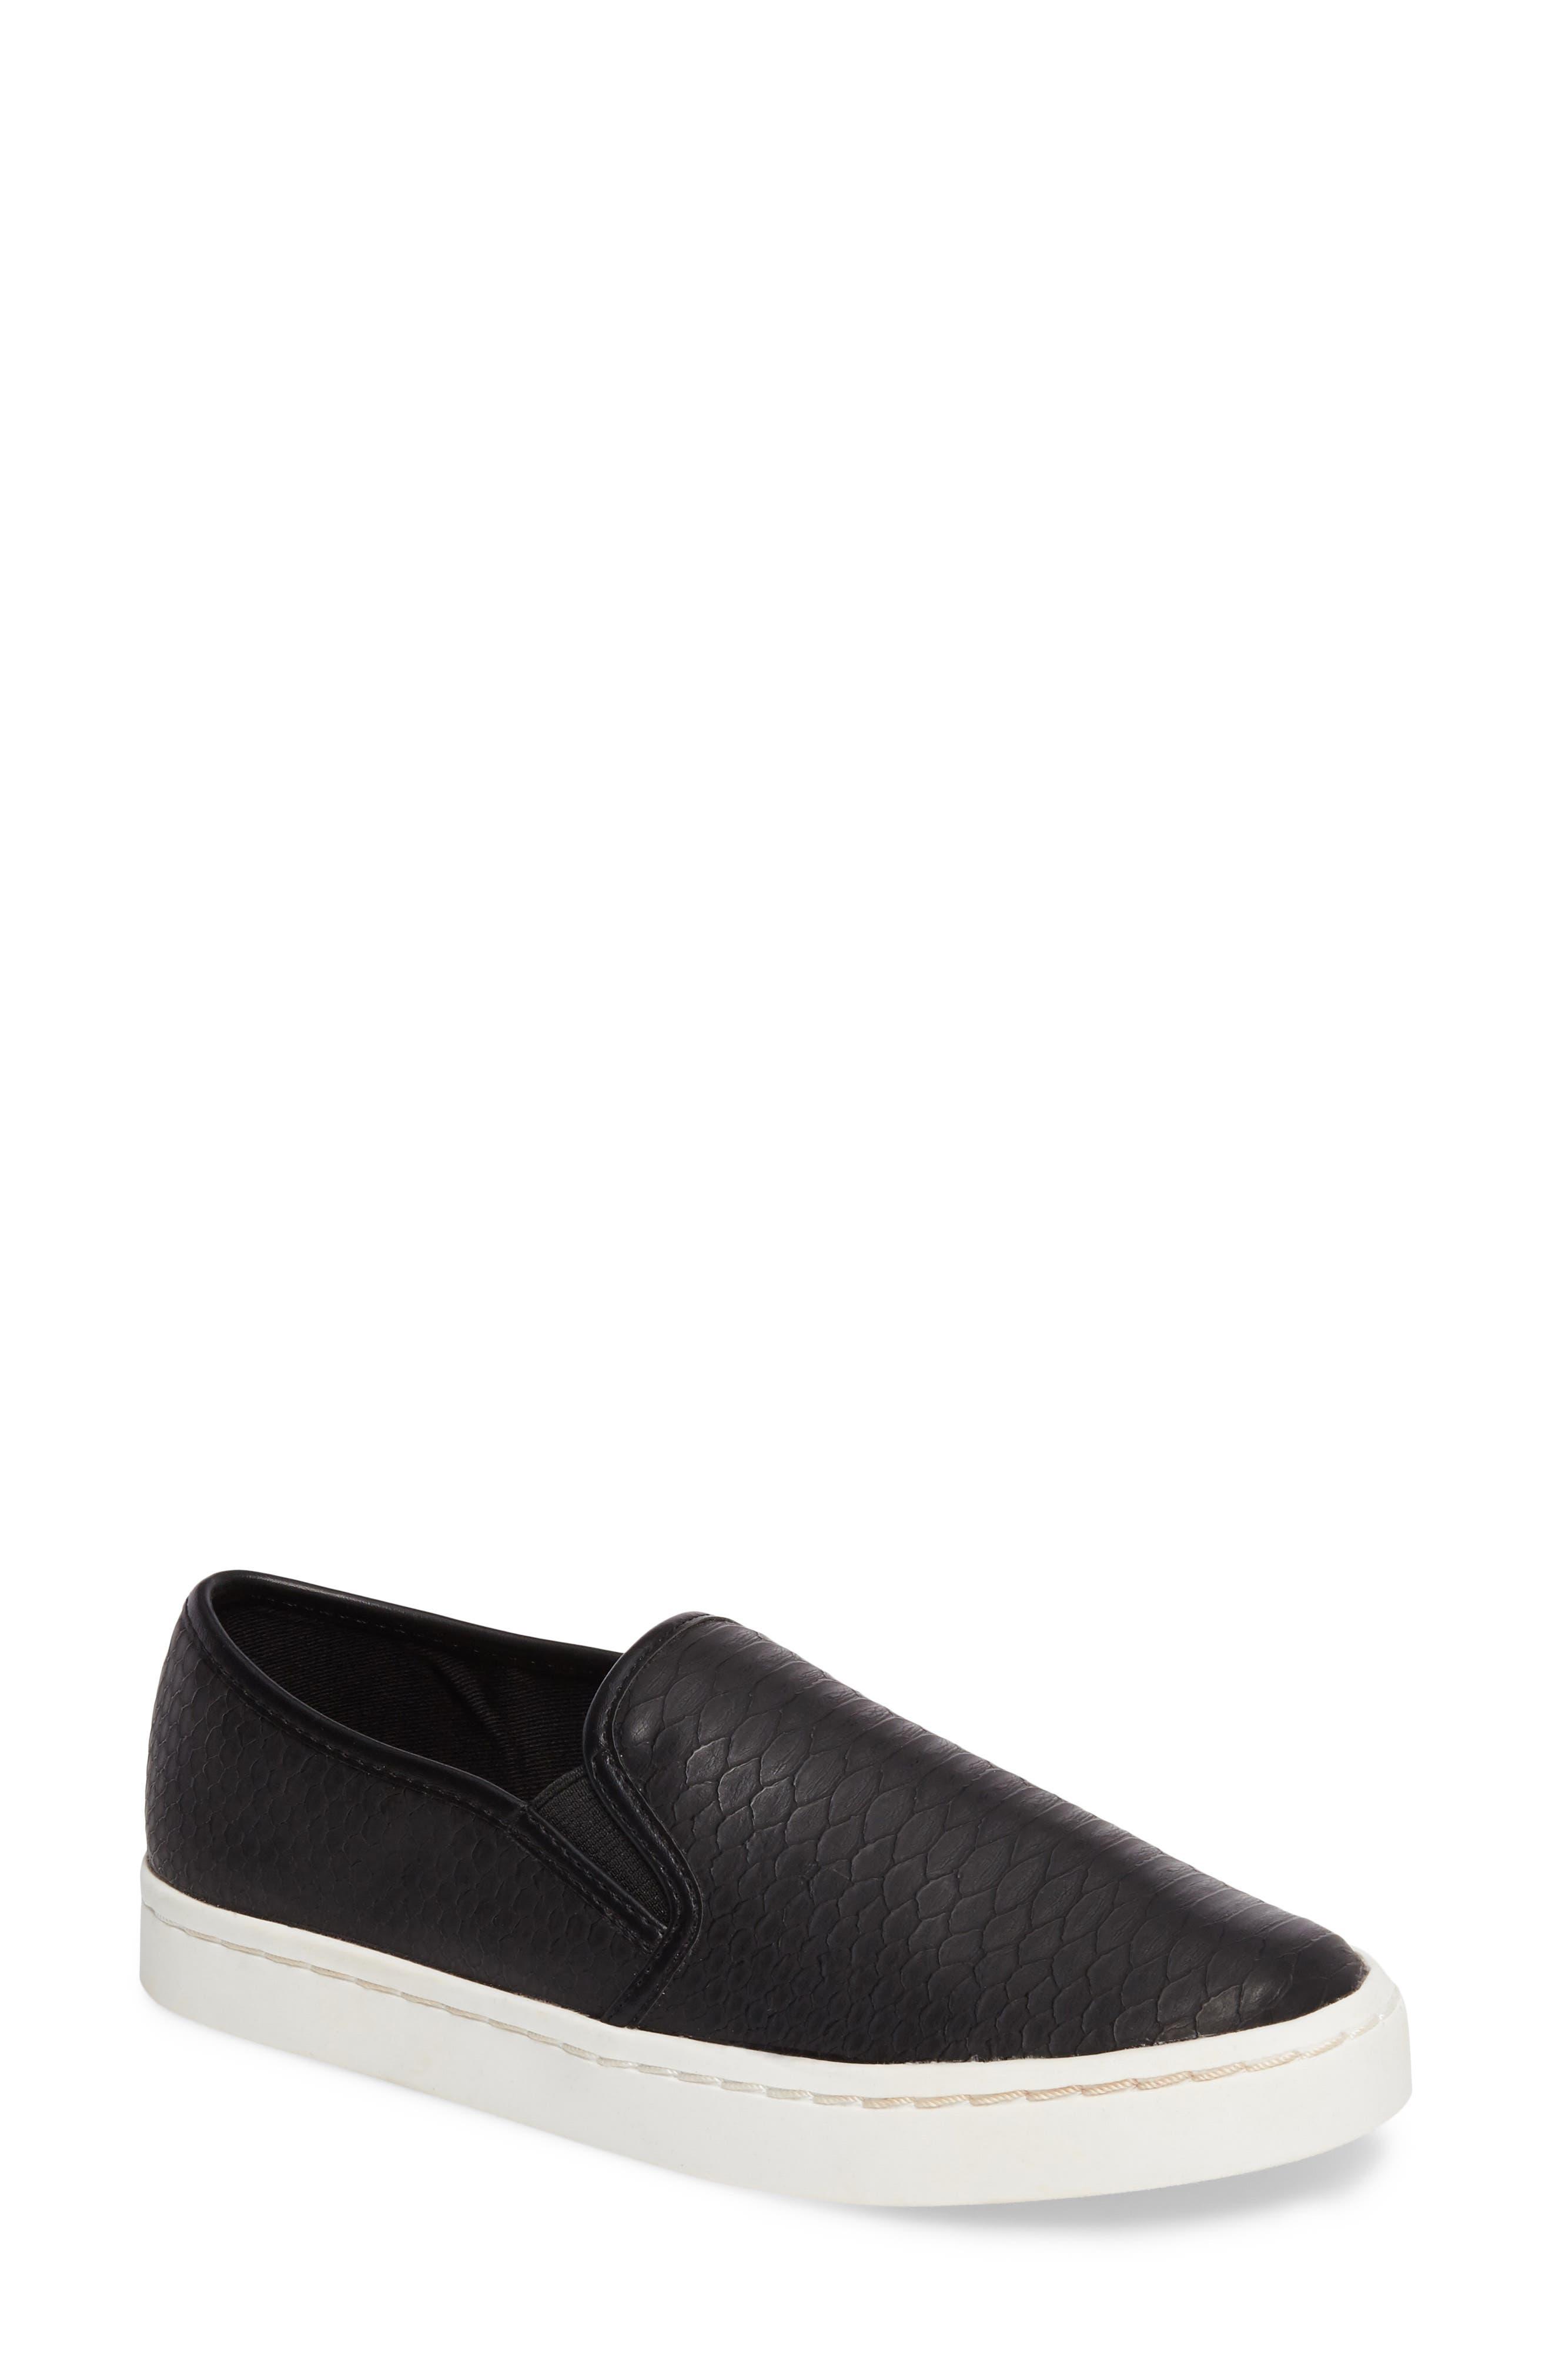 Alternate Image 1 Selected - BP. 'Twiny' Slip-On Sneaker (Women)